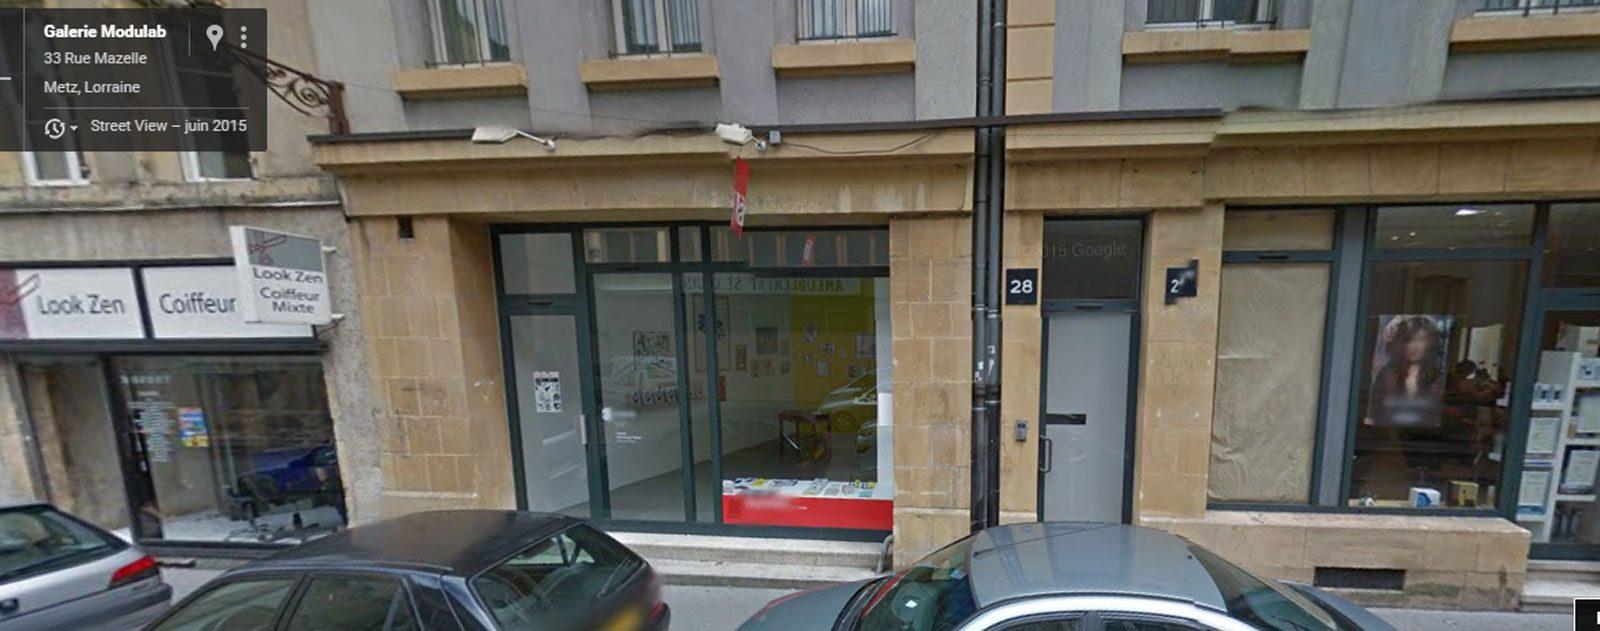 Metz : la galerie Modulab fait sa rentrée